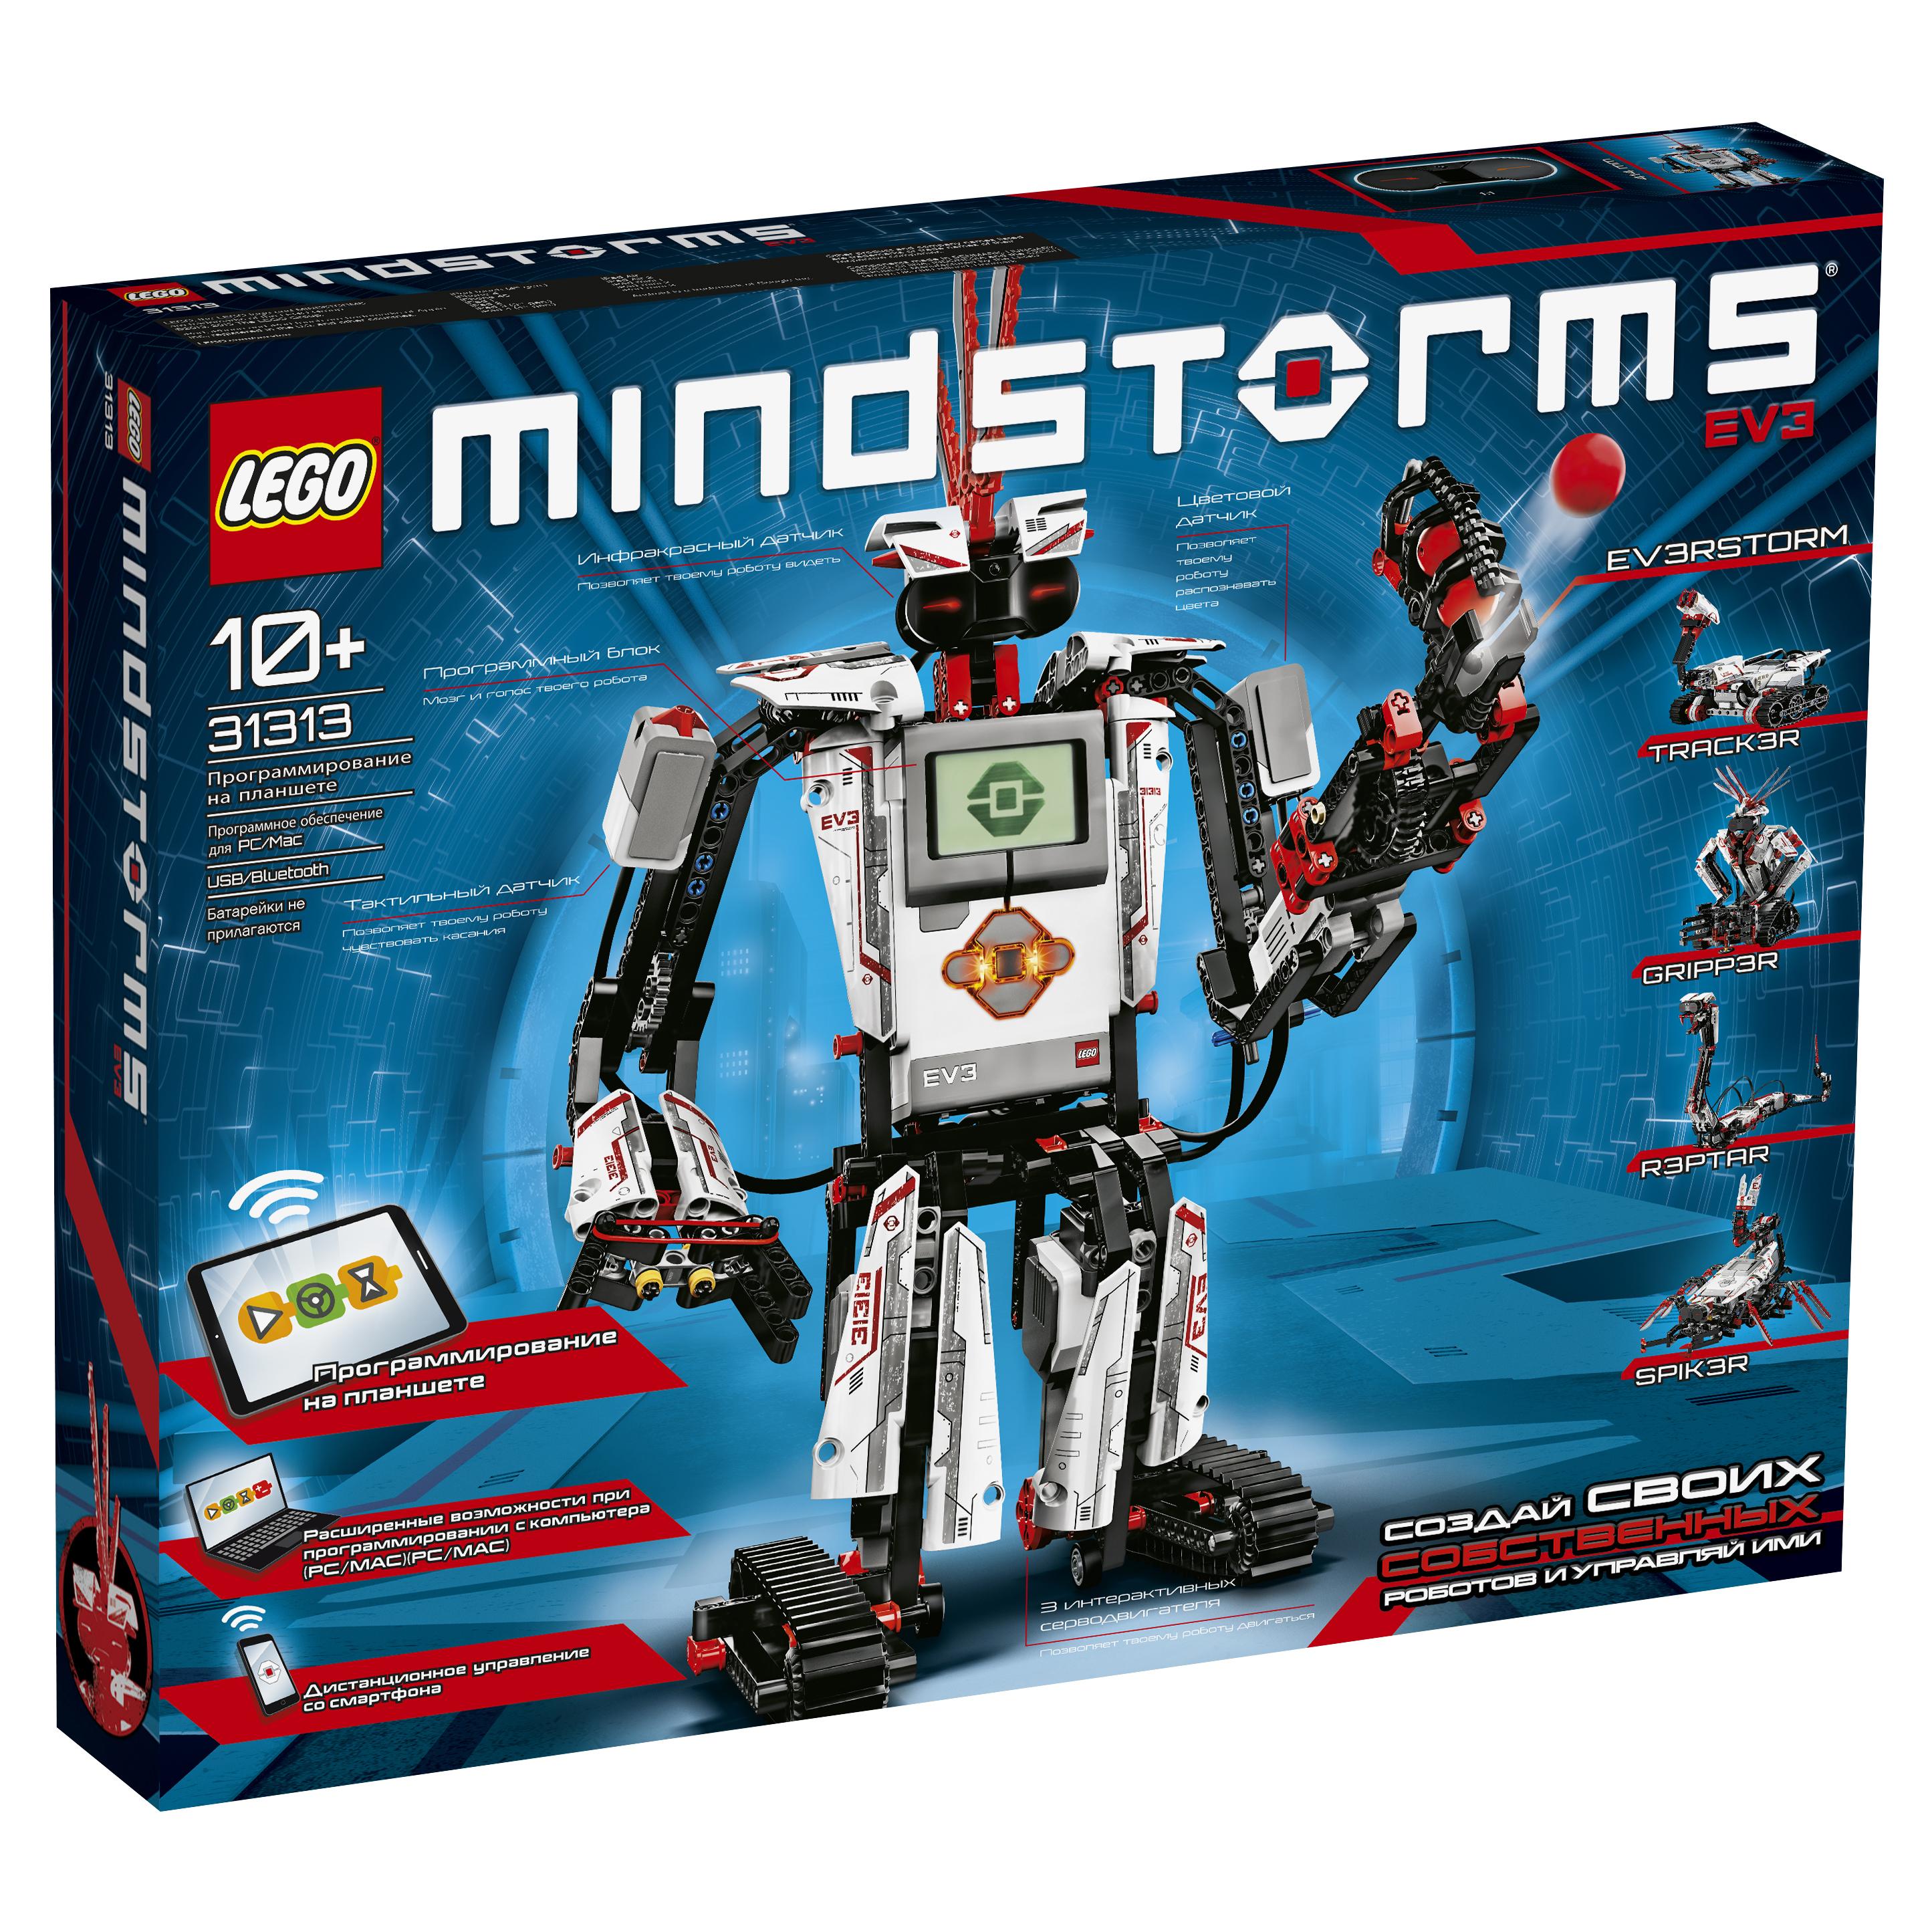 Купить Конструктор lego mindstorms ev3 31313, Конструктор LEGO mindstorms ev3 31313, LEGO для девочек